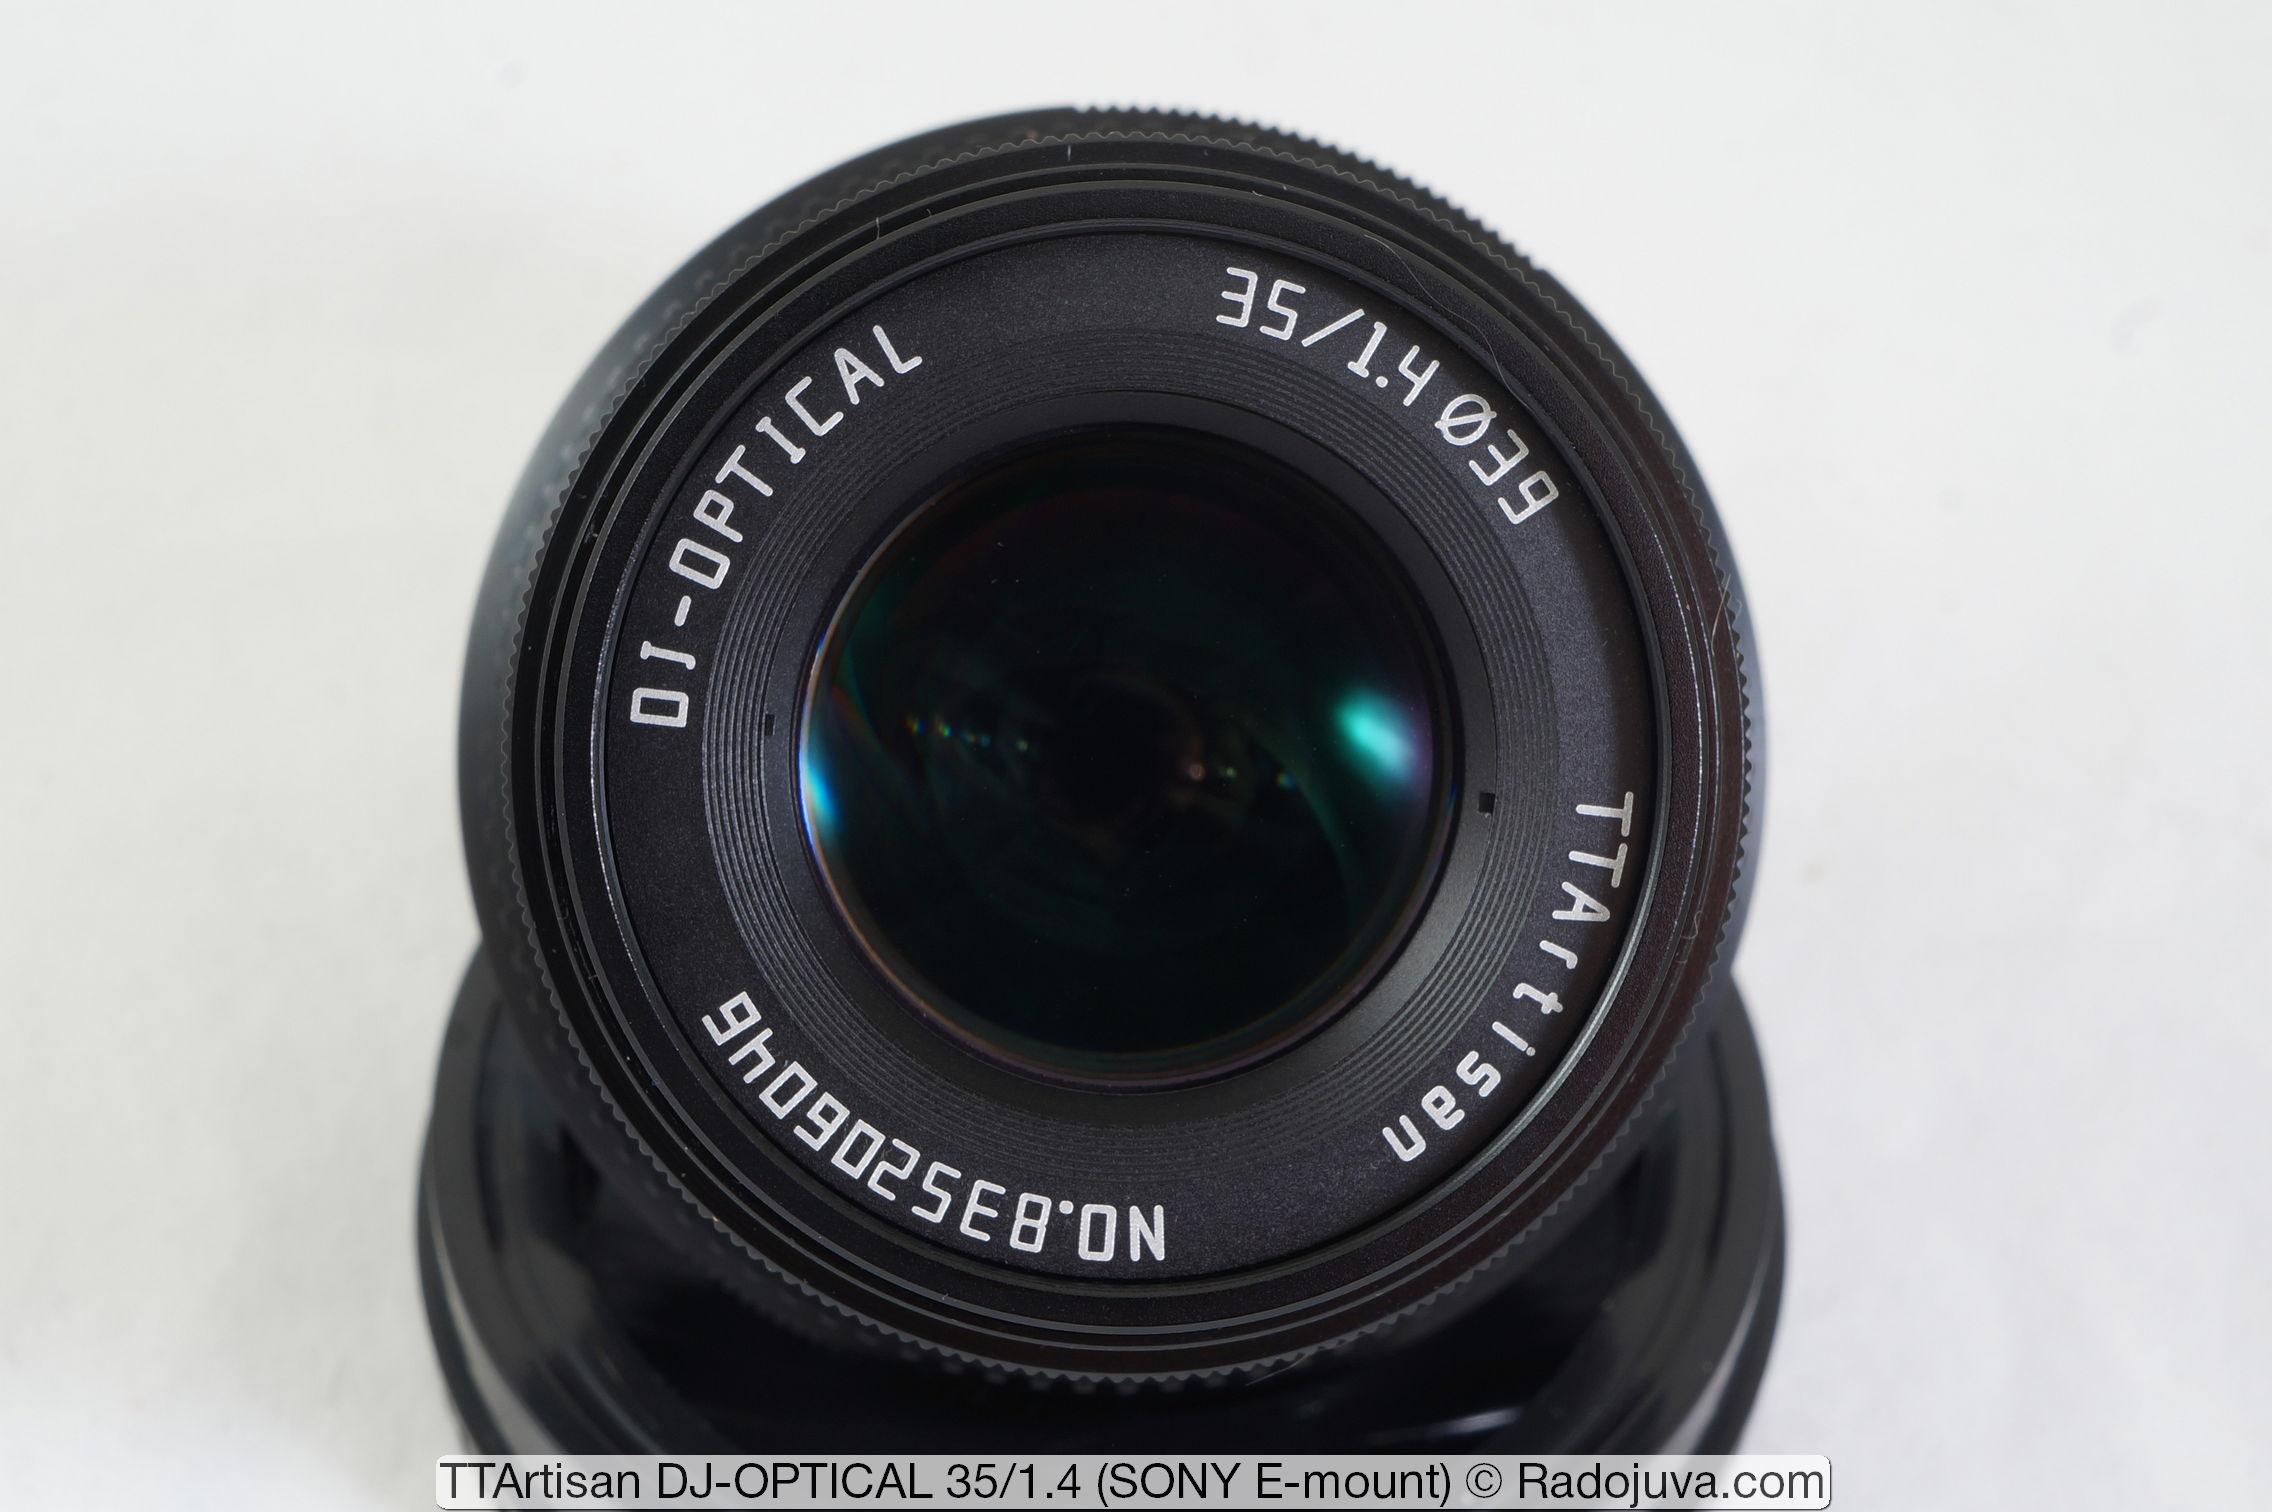 TTArtisan DJ-OPTICAL 35/1.4